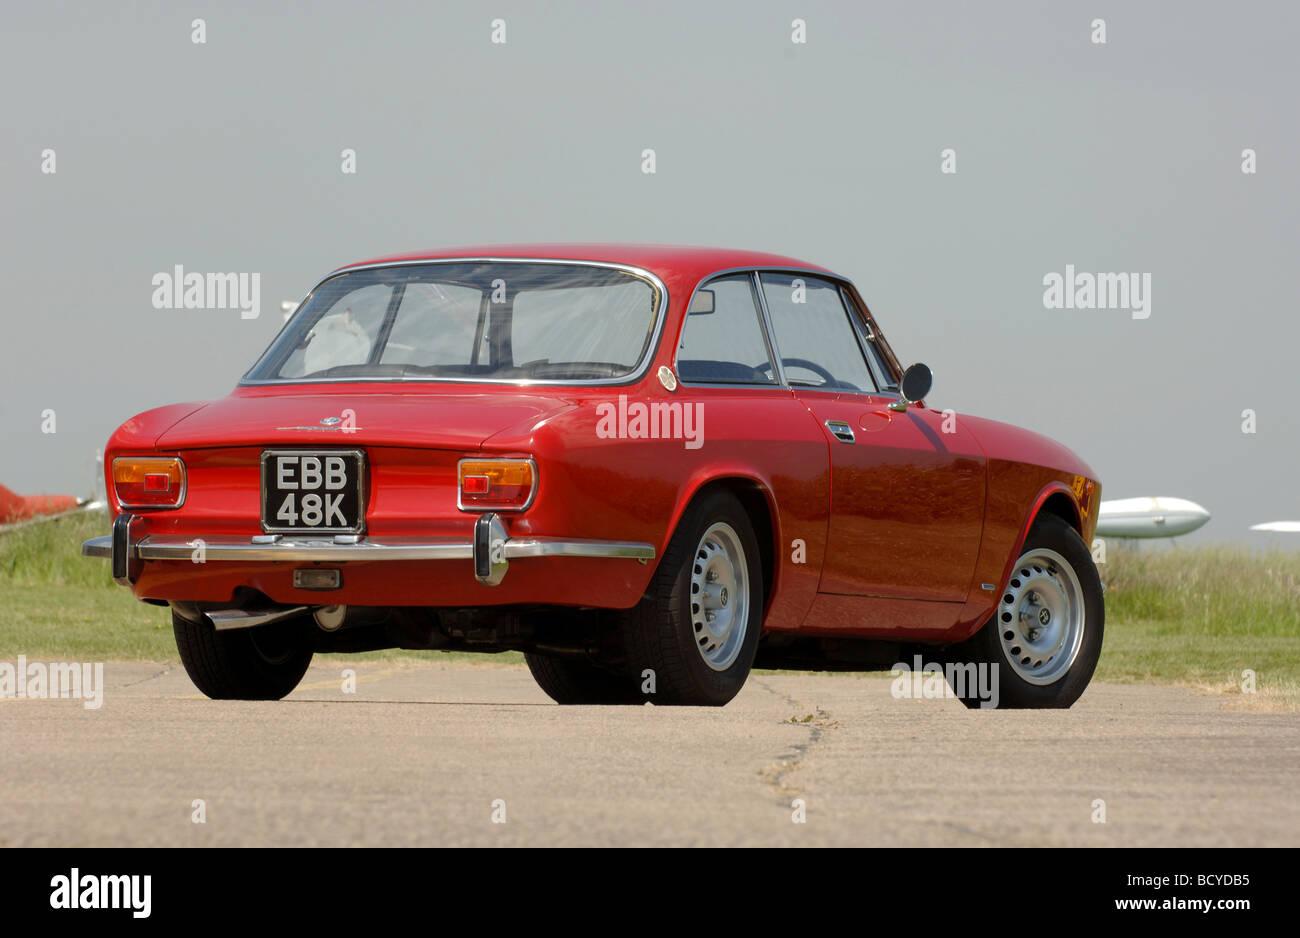 Alfa romeo 1750 gtv car classics - Alfa Romeo Gtv 1750 Coupe Classic Red Italian Sports Car 1972